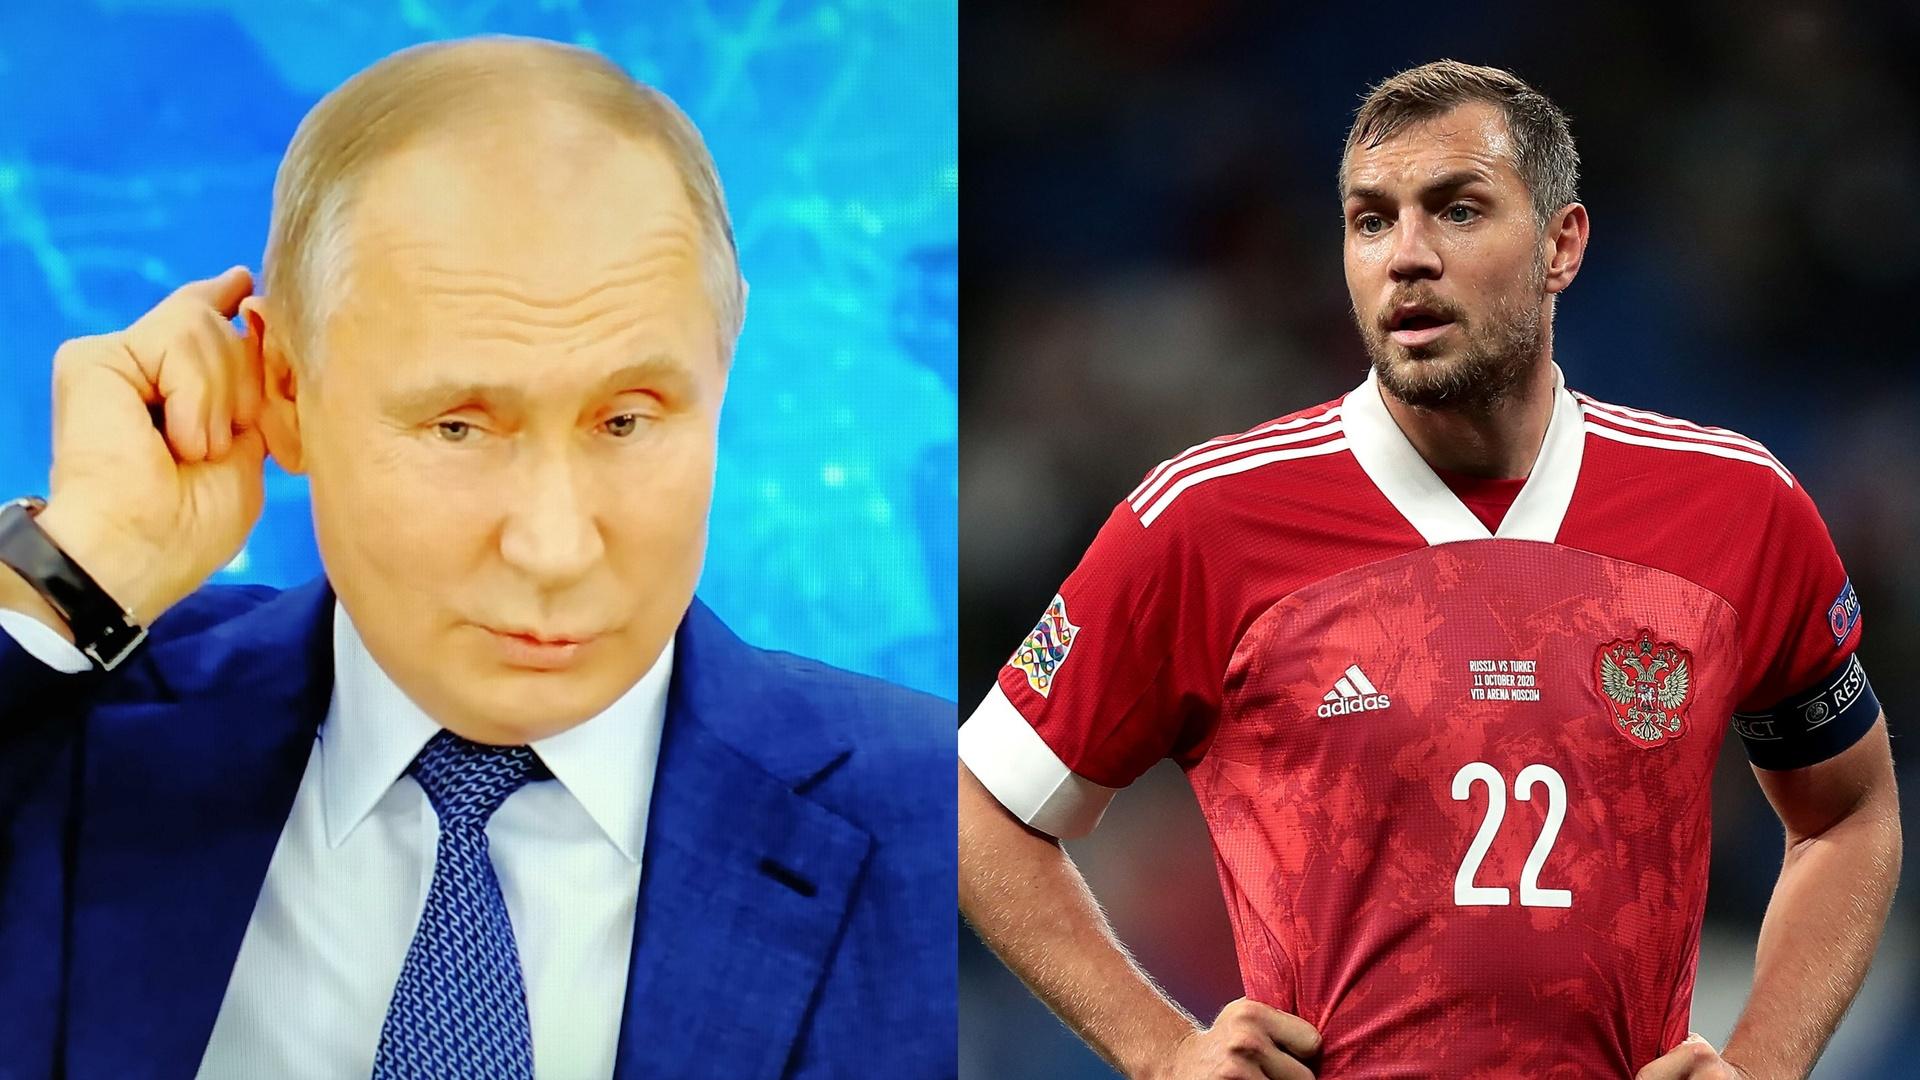 بوتين يرد على صحفية مازحا: أنا لم أشاهد فيديو دزيوبا